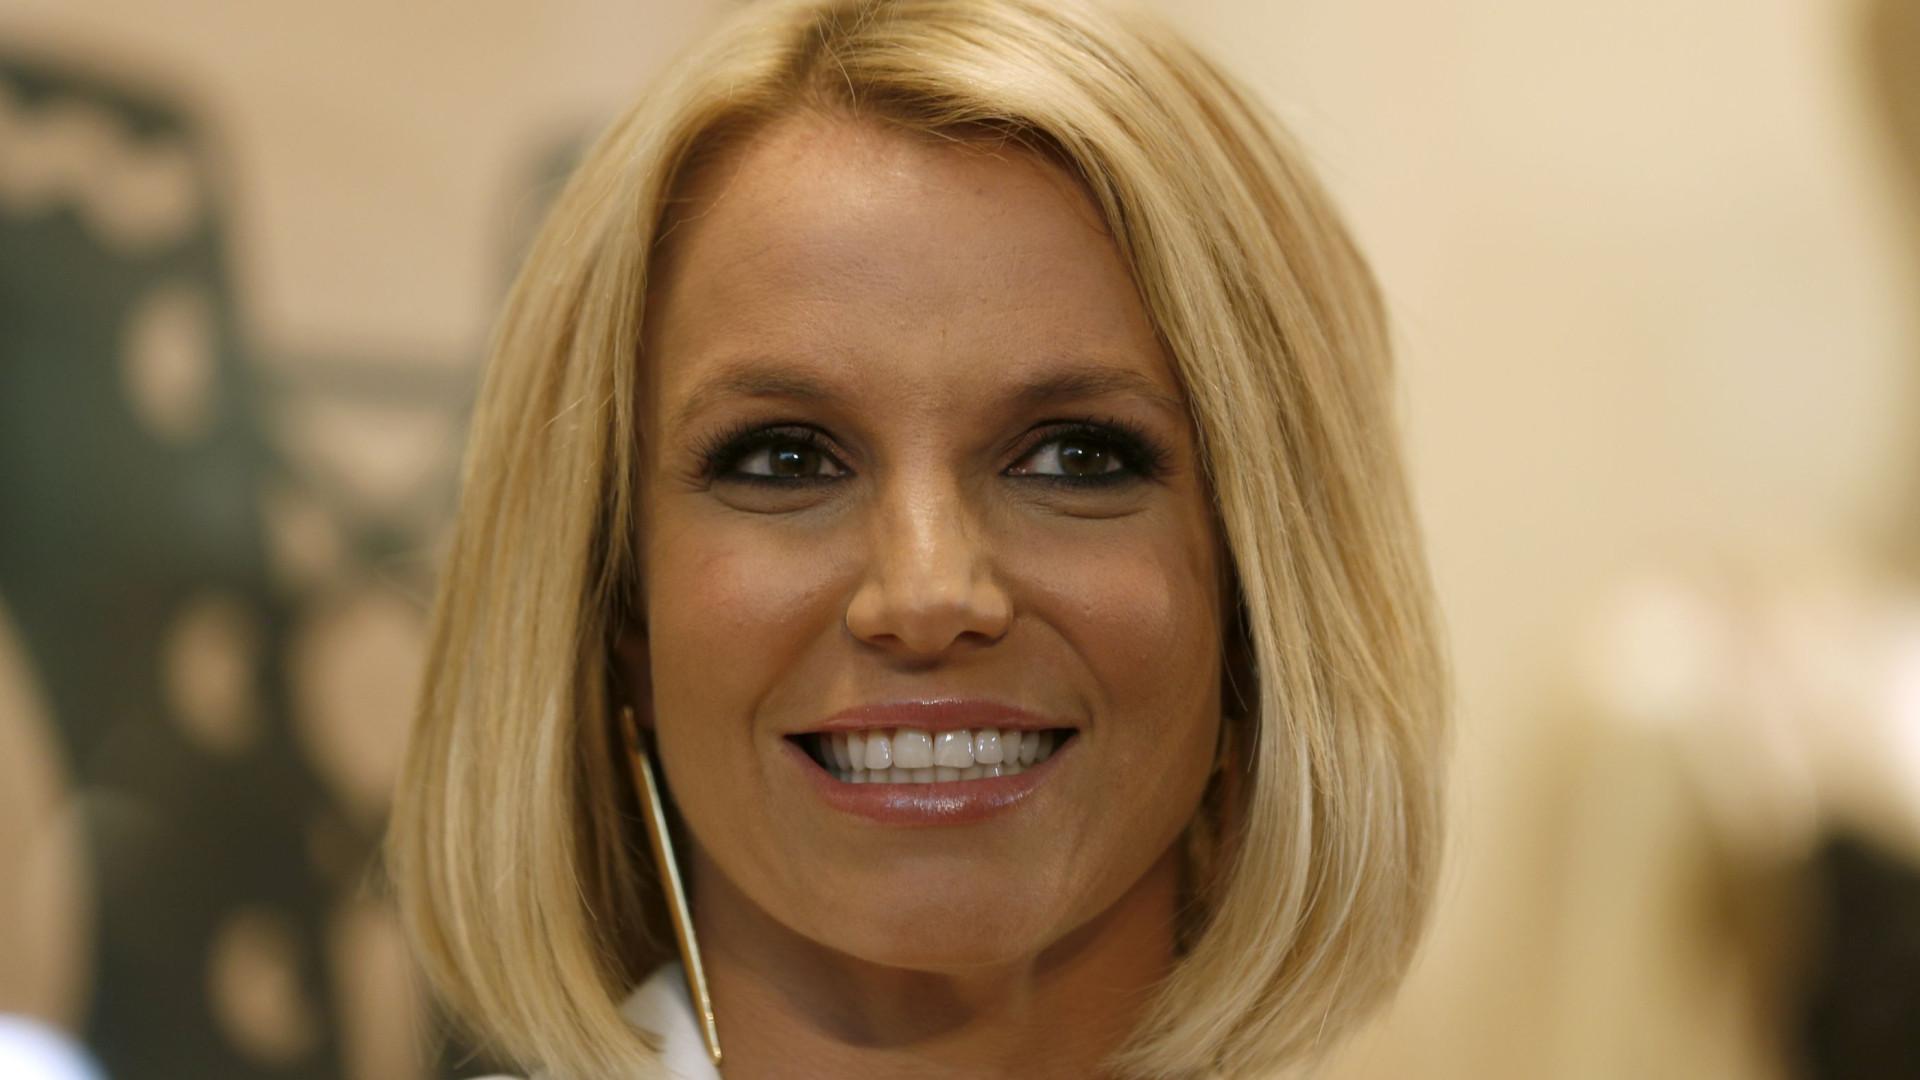 'Tomem cuidado', diz Britney Spears ao publicar foto afirmando ter virado cobra